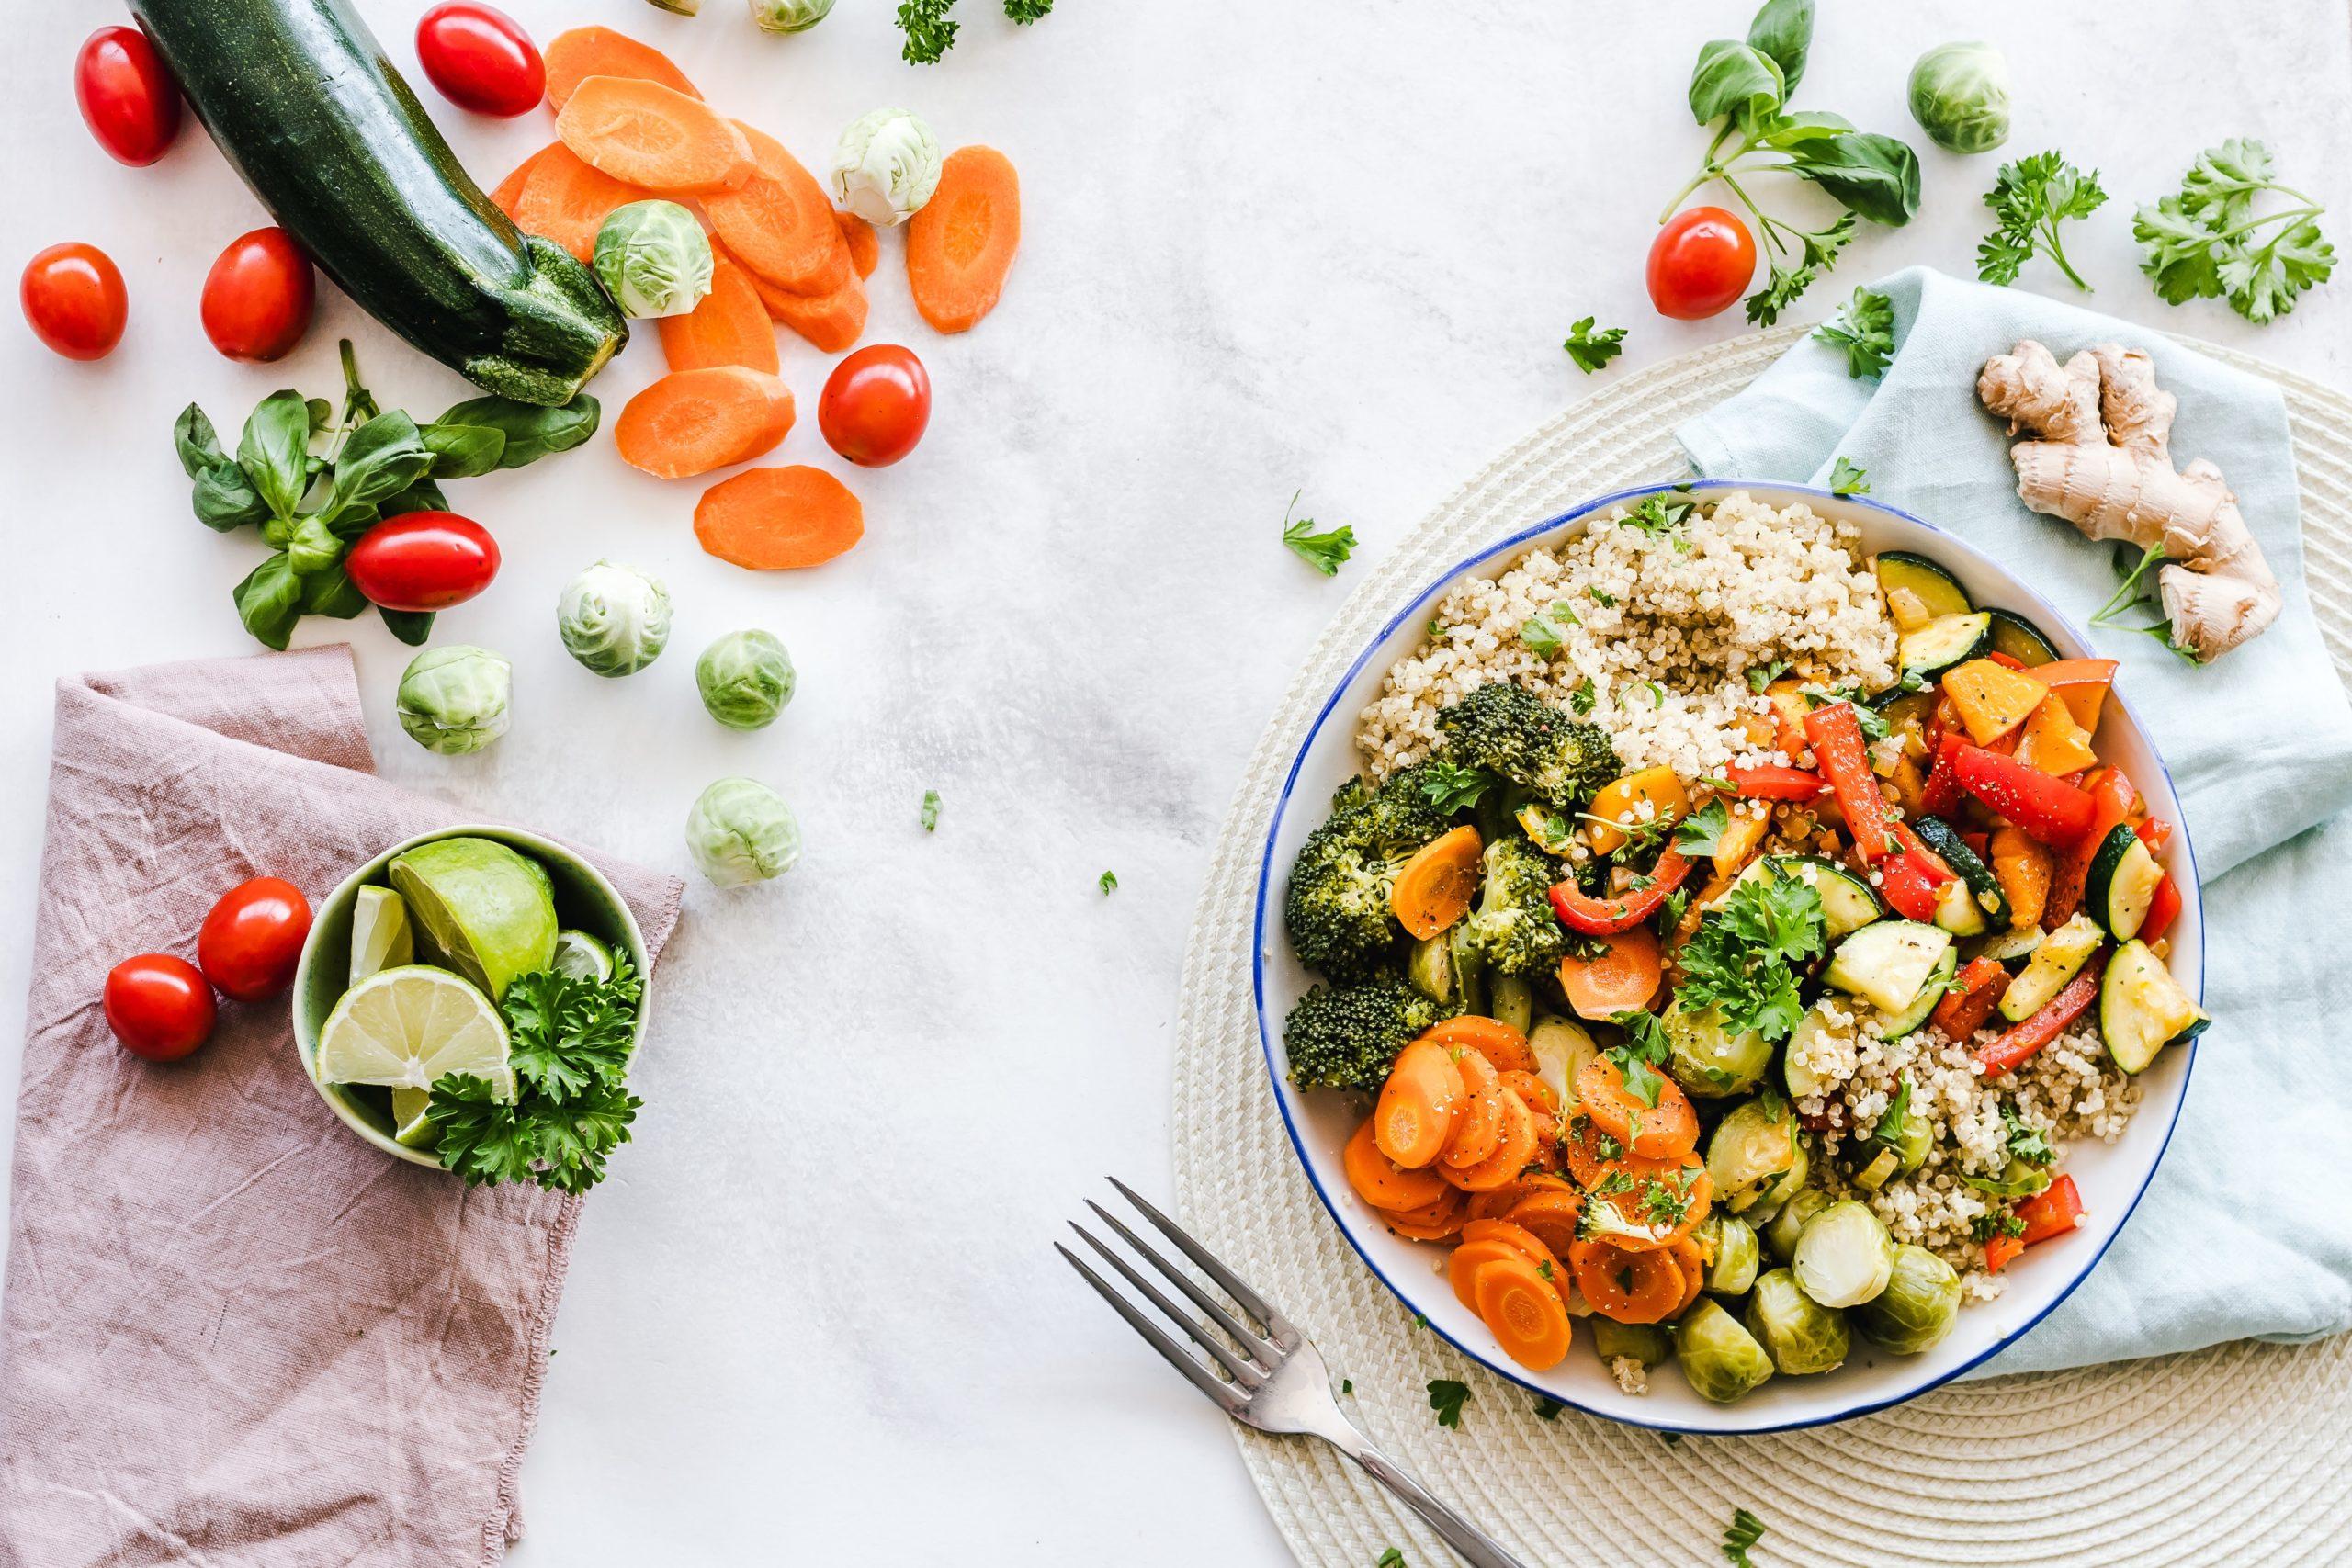 Dieta mediterranea y sueño